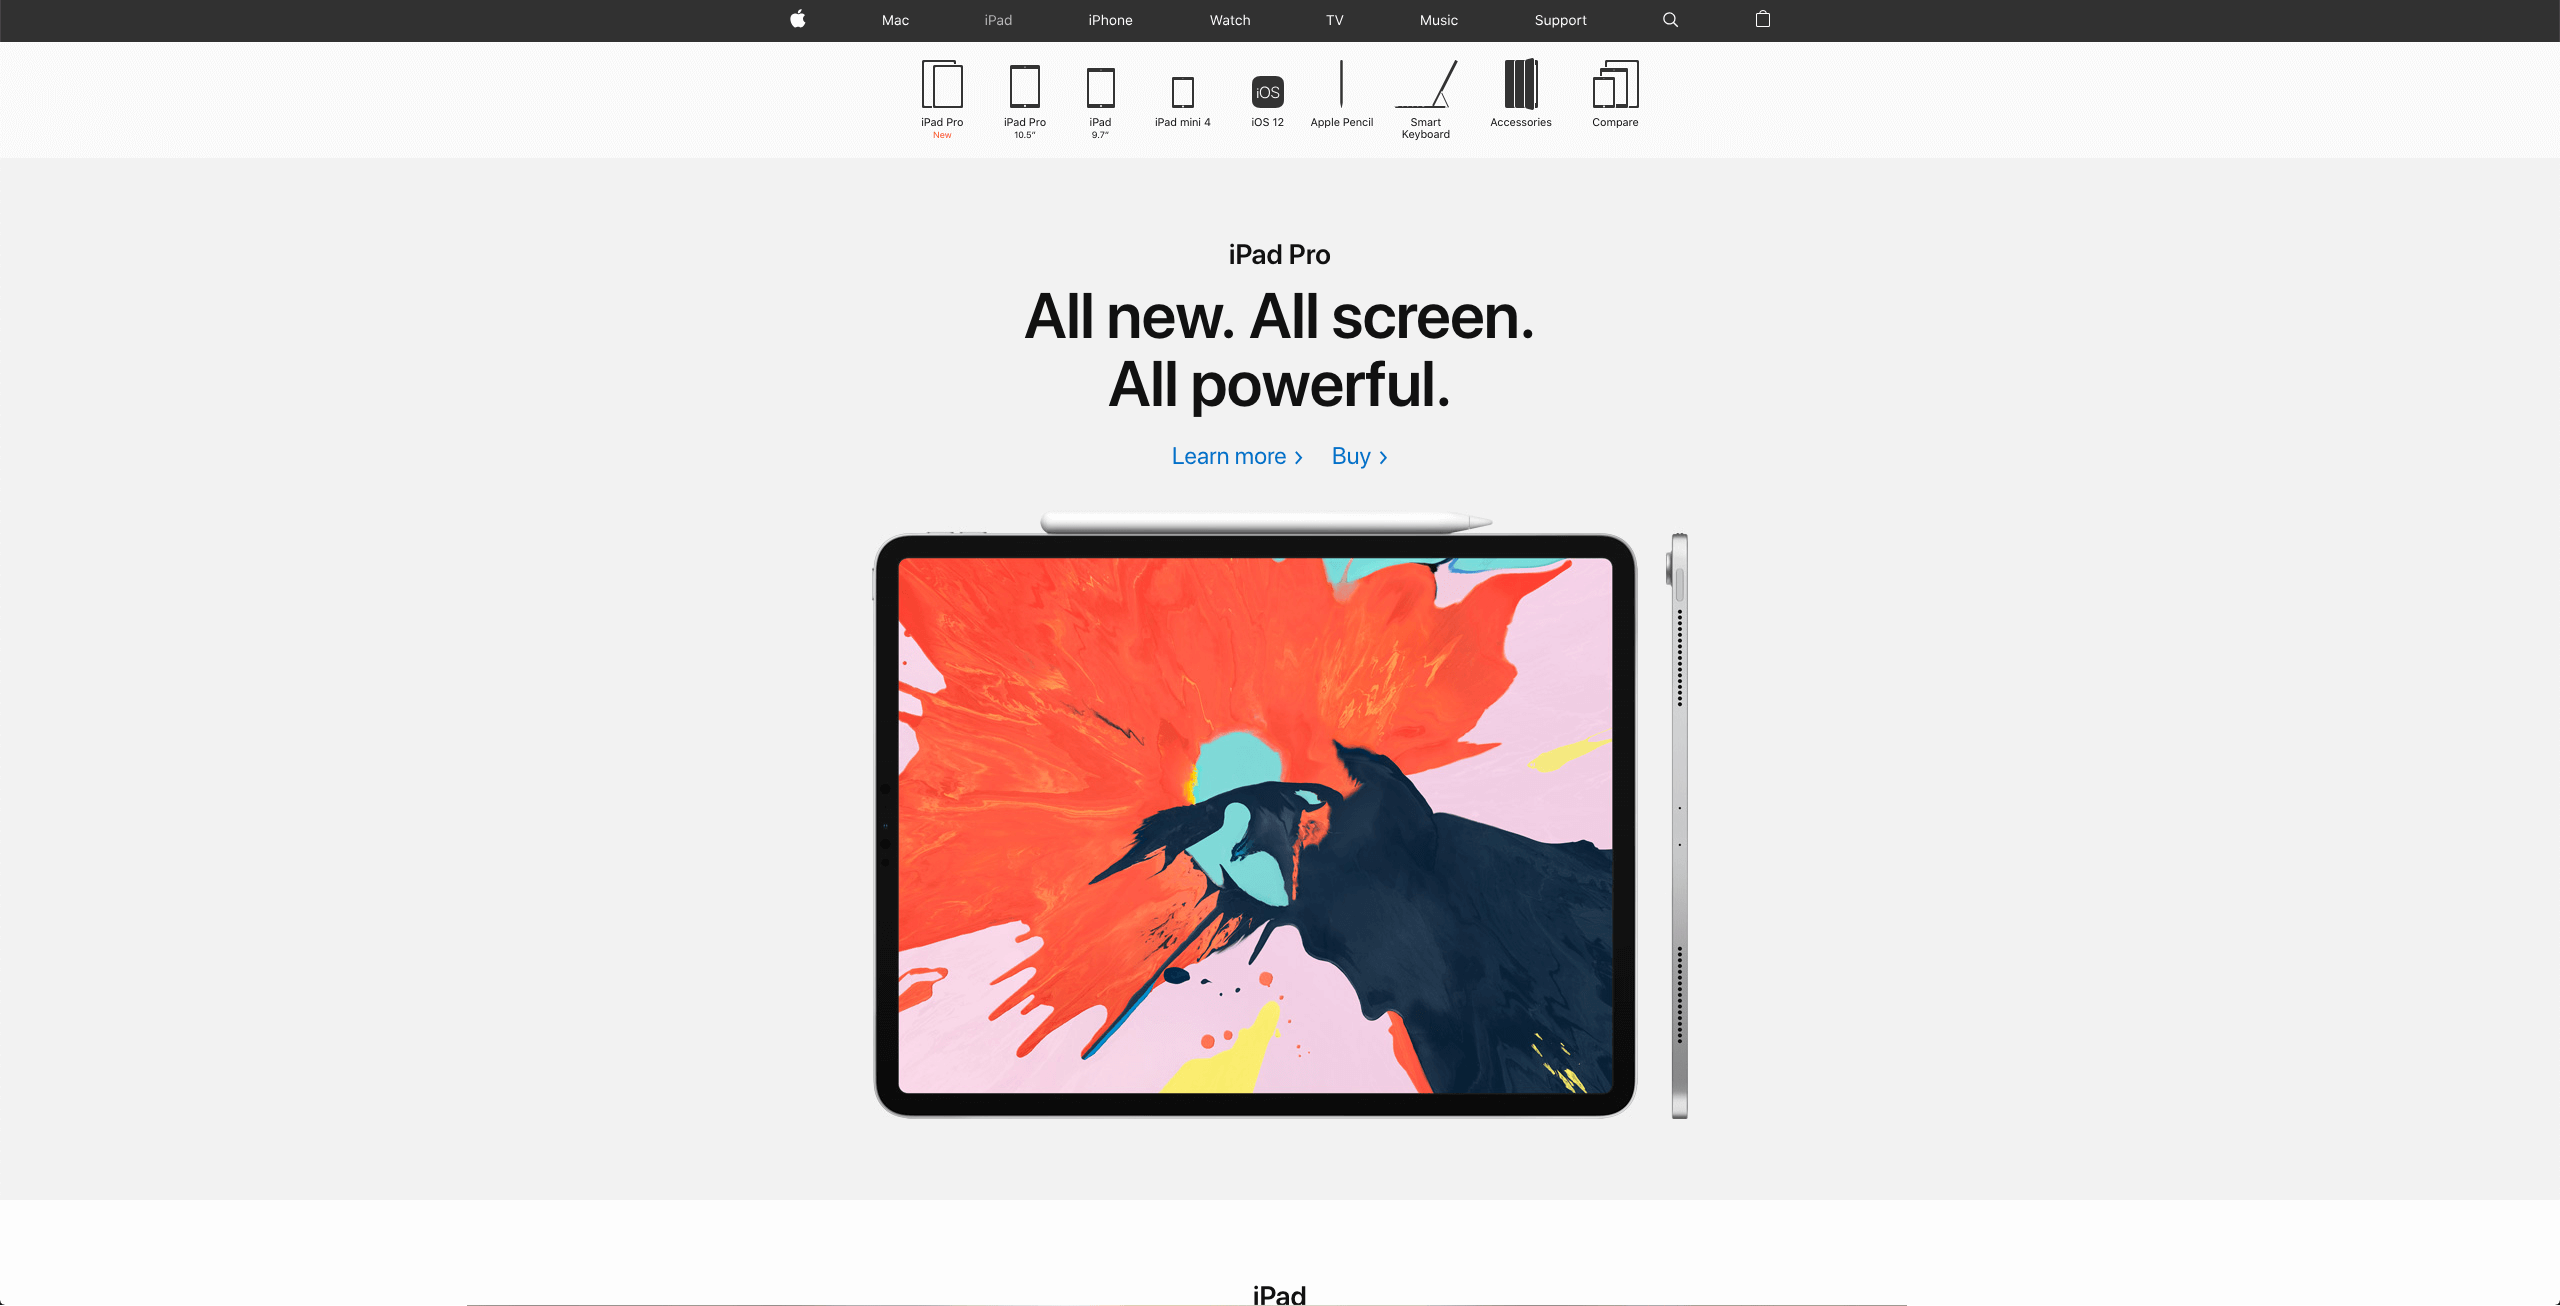 ux - User needs Apple